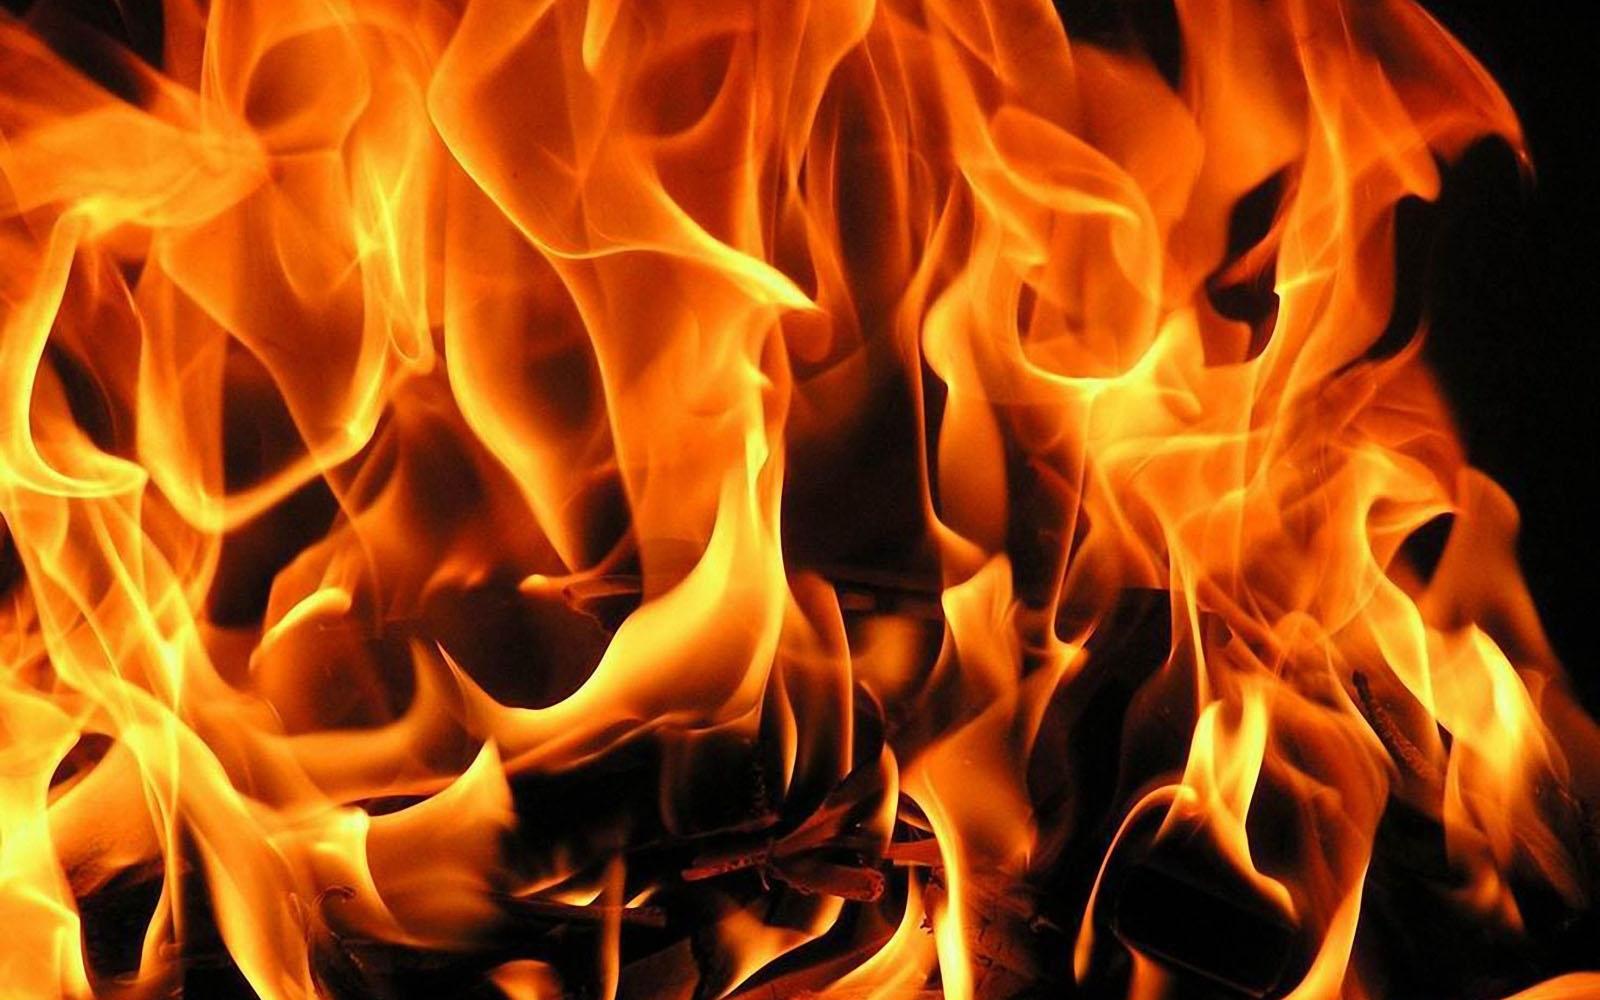 Fire Wallpapers for Desktop - WallpaperSafari